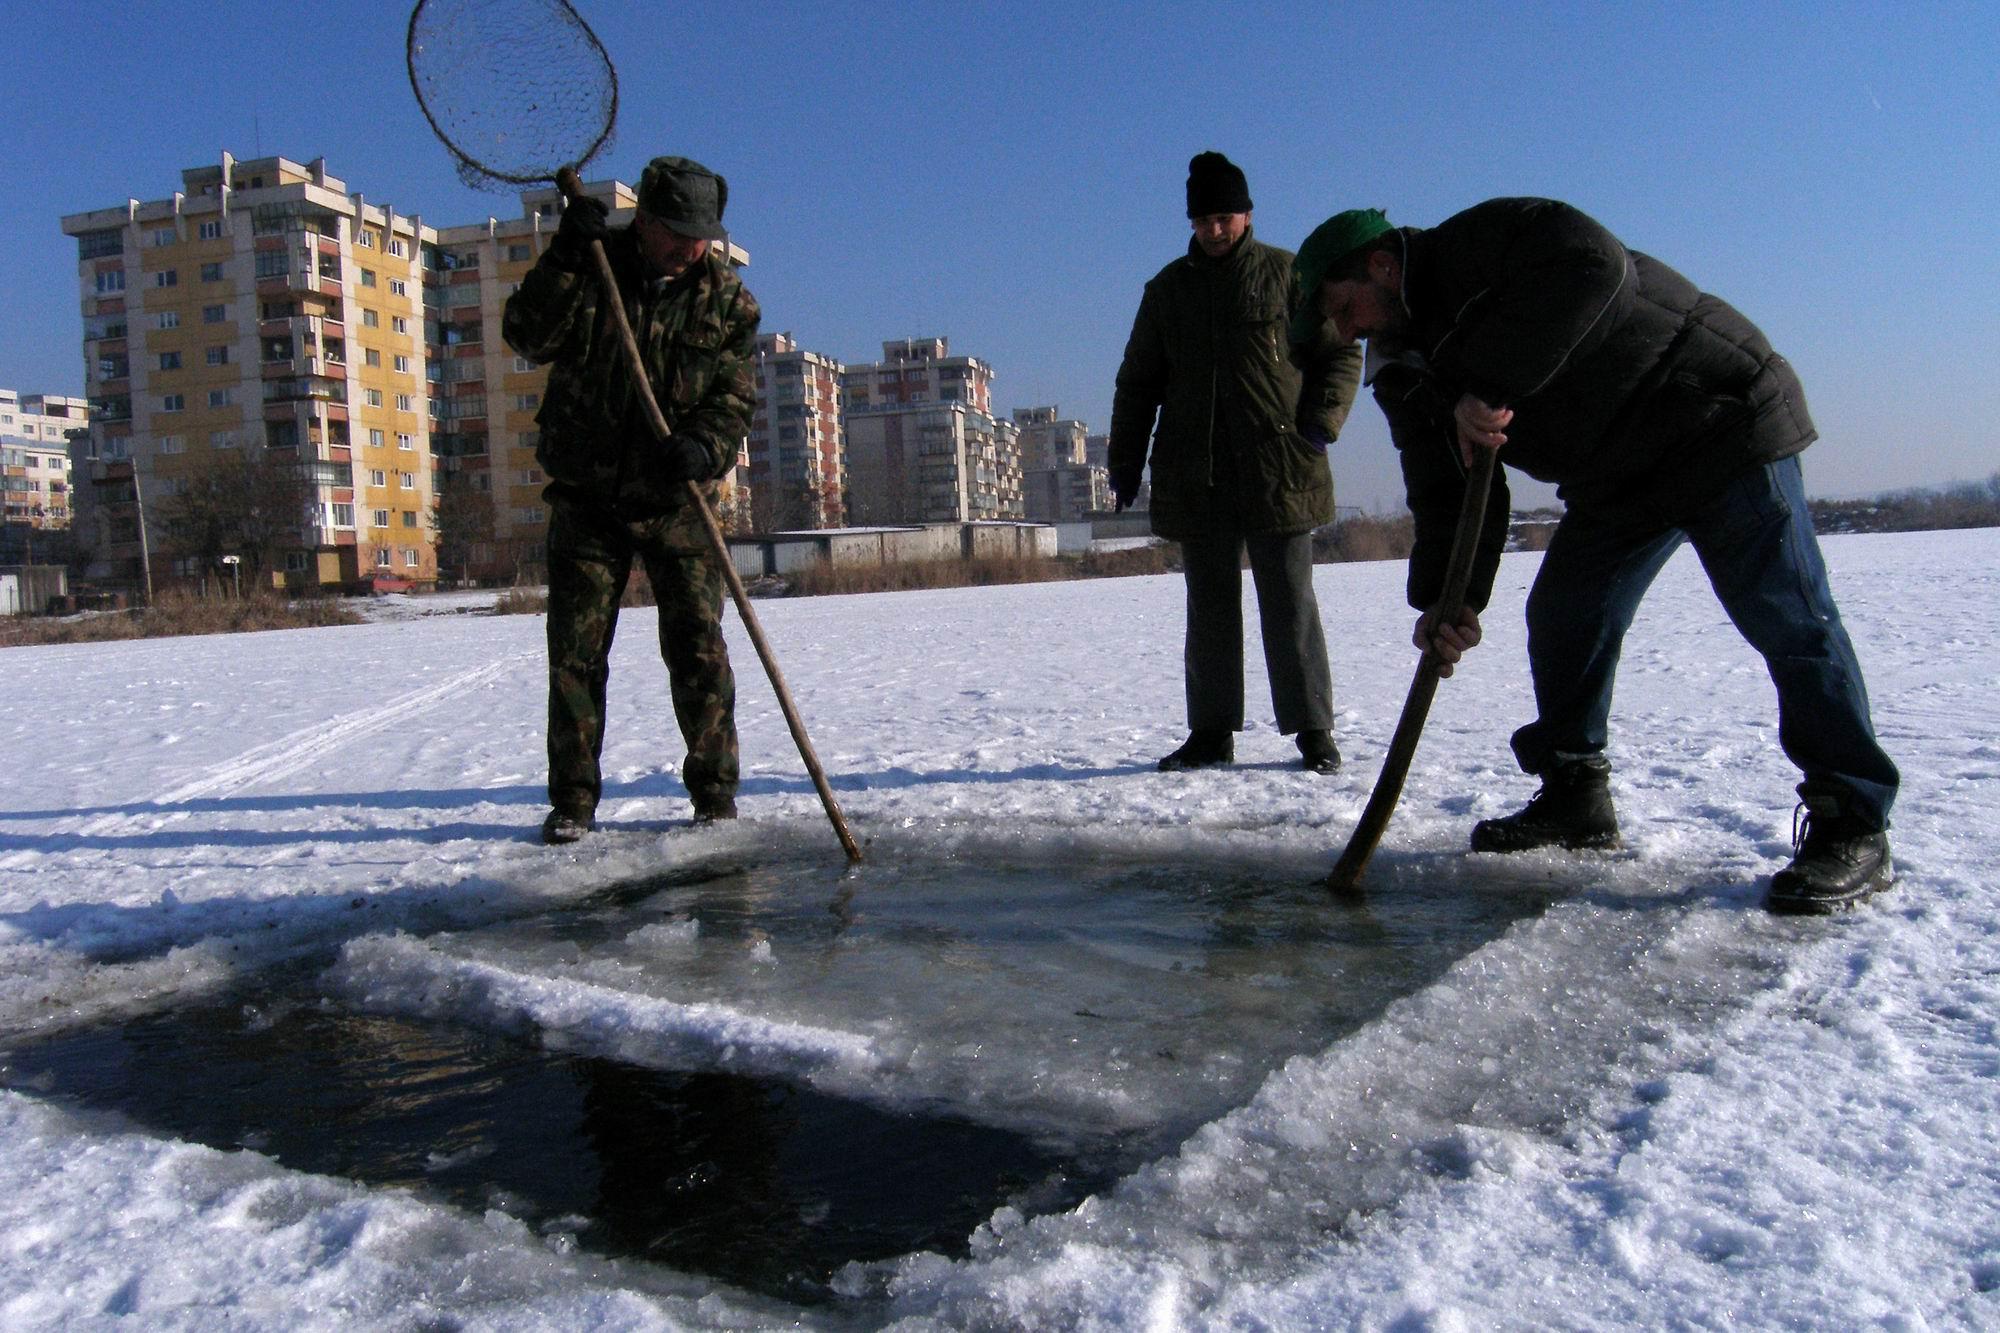 Un angajat de la AGVPS Cluj, impreuna cu doi pescari taie o copca, miercuri 25.01.2006,  in gheata groasa de peste 20cm, pe un lac din cartierul clujean Marasti. In cursul acestei dimineti s-au interistrat la Cluj-Napoca temperaturi de - 20 gradde Celsius. AGVPS este Asociatia Generala a Vanatorilor si Pescarilor Sportivi